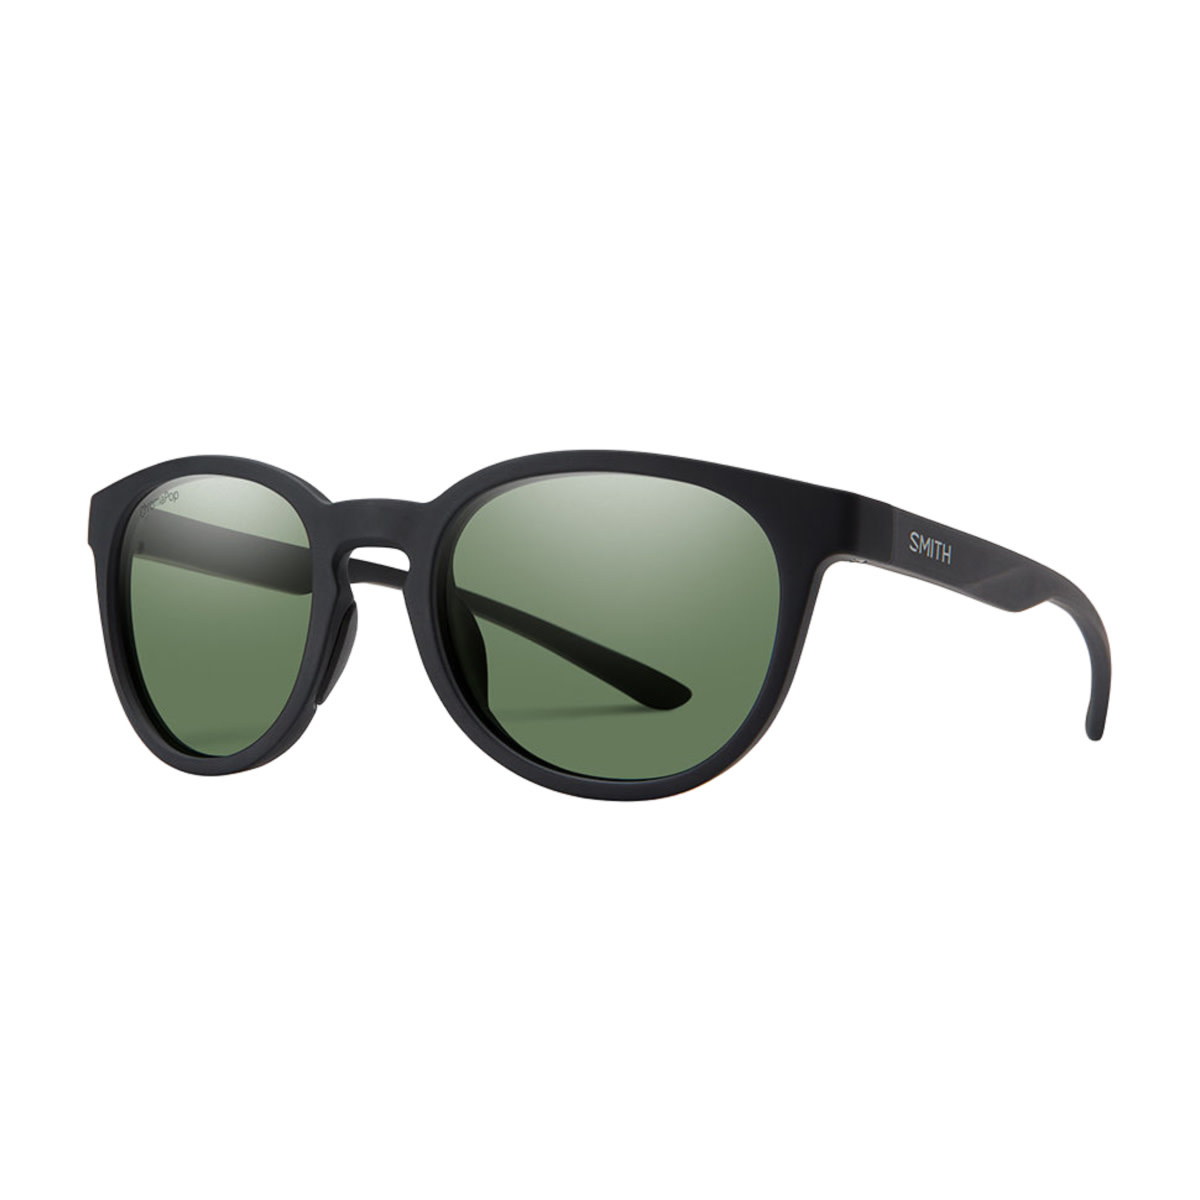 Smith Smith Eastbank Matte Black / Grey Green